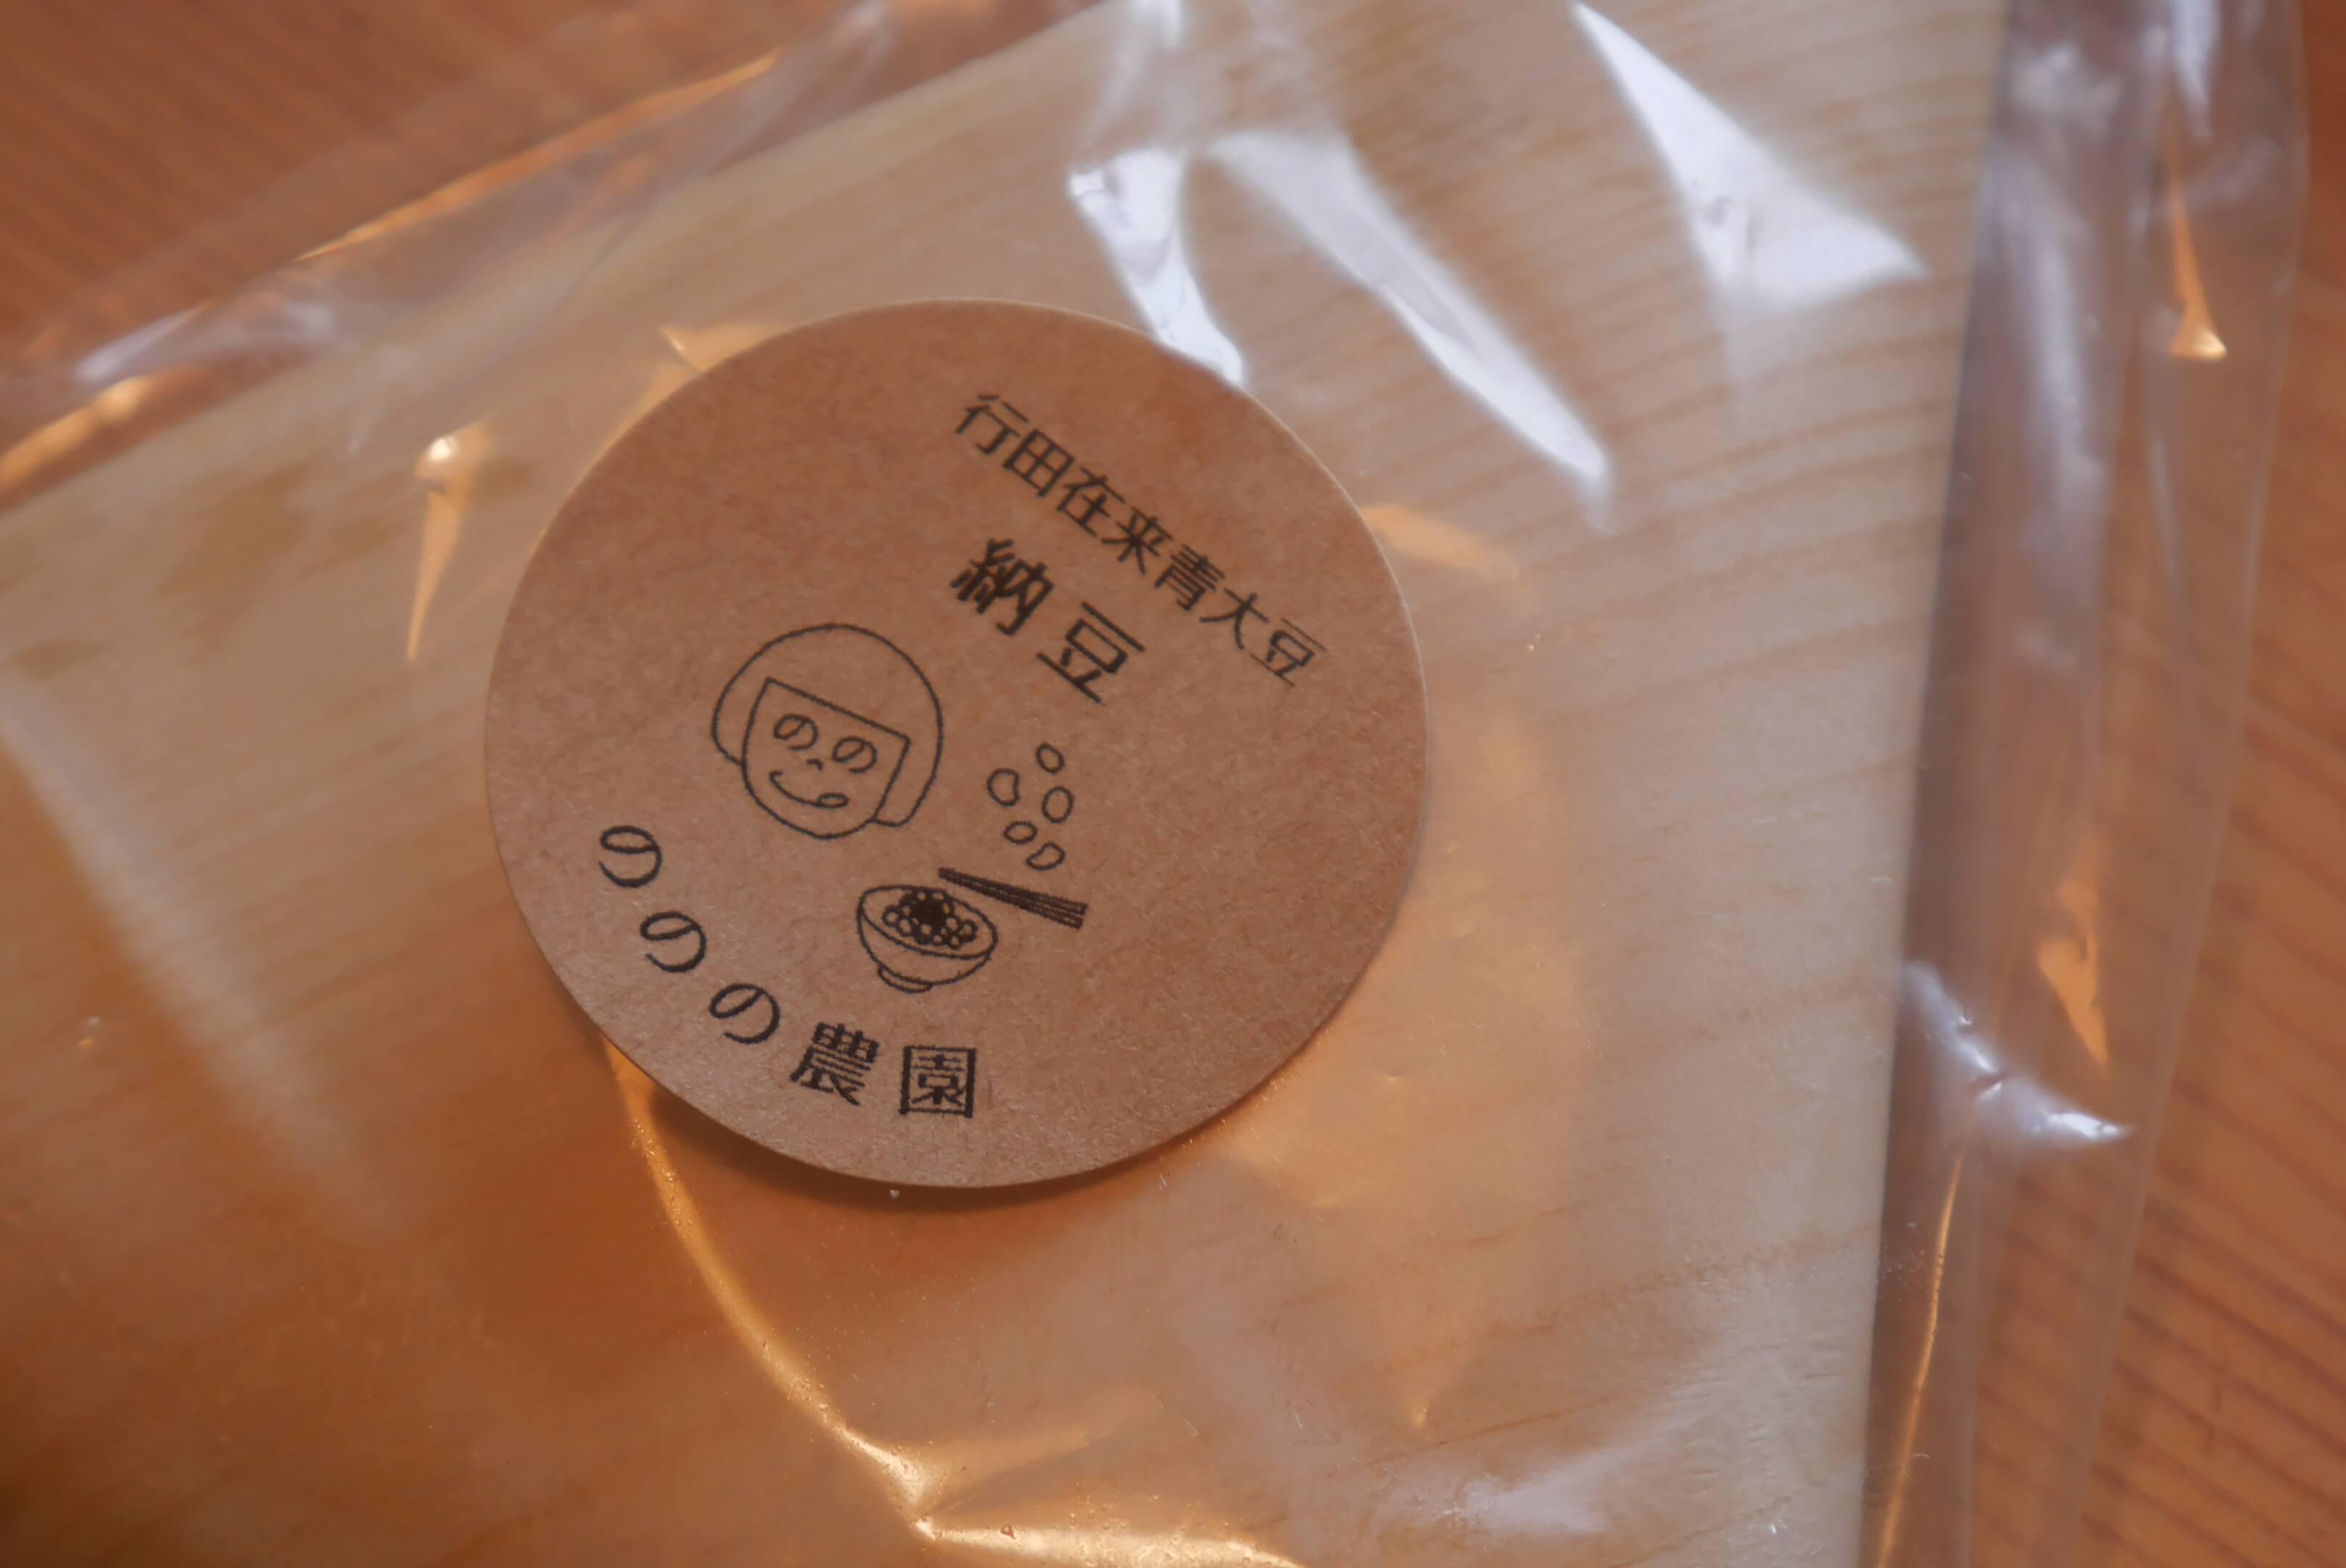 納豆菌からこだわっている自然栽培「納豆」を販売します!粘り気が強く美味しいと好評です♪